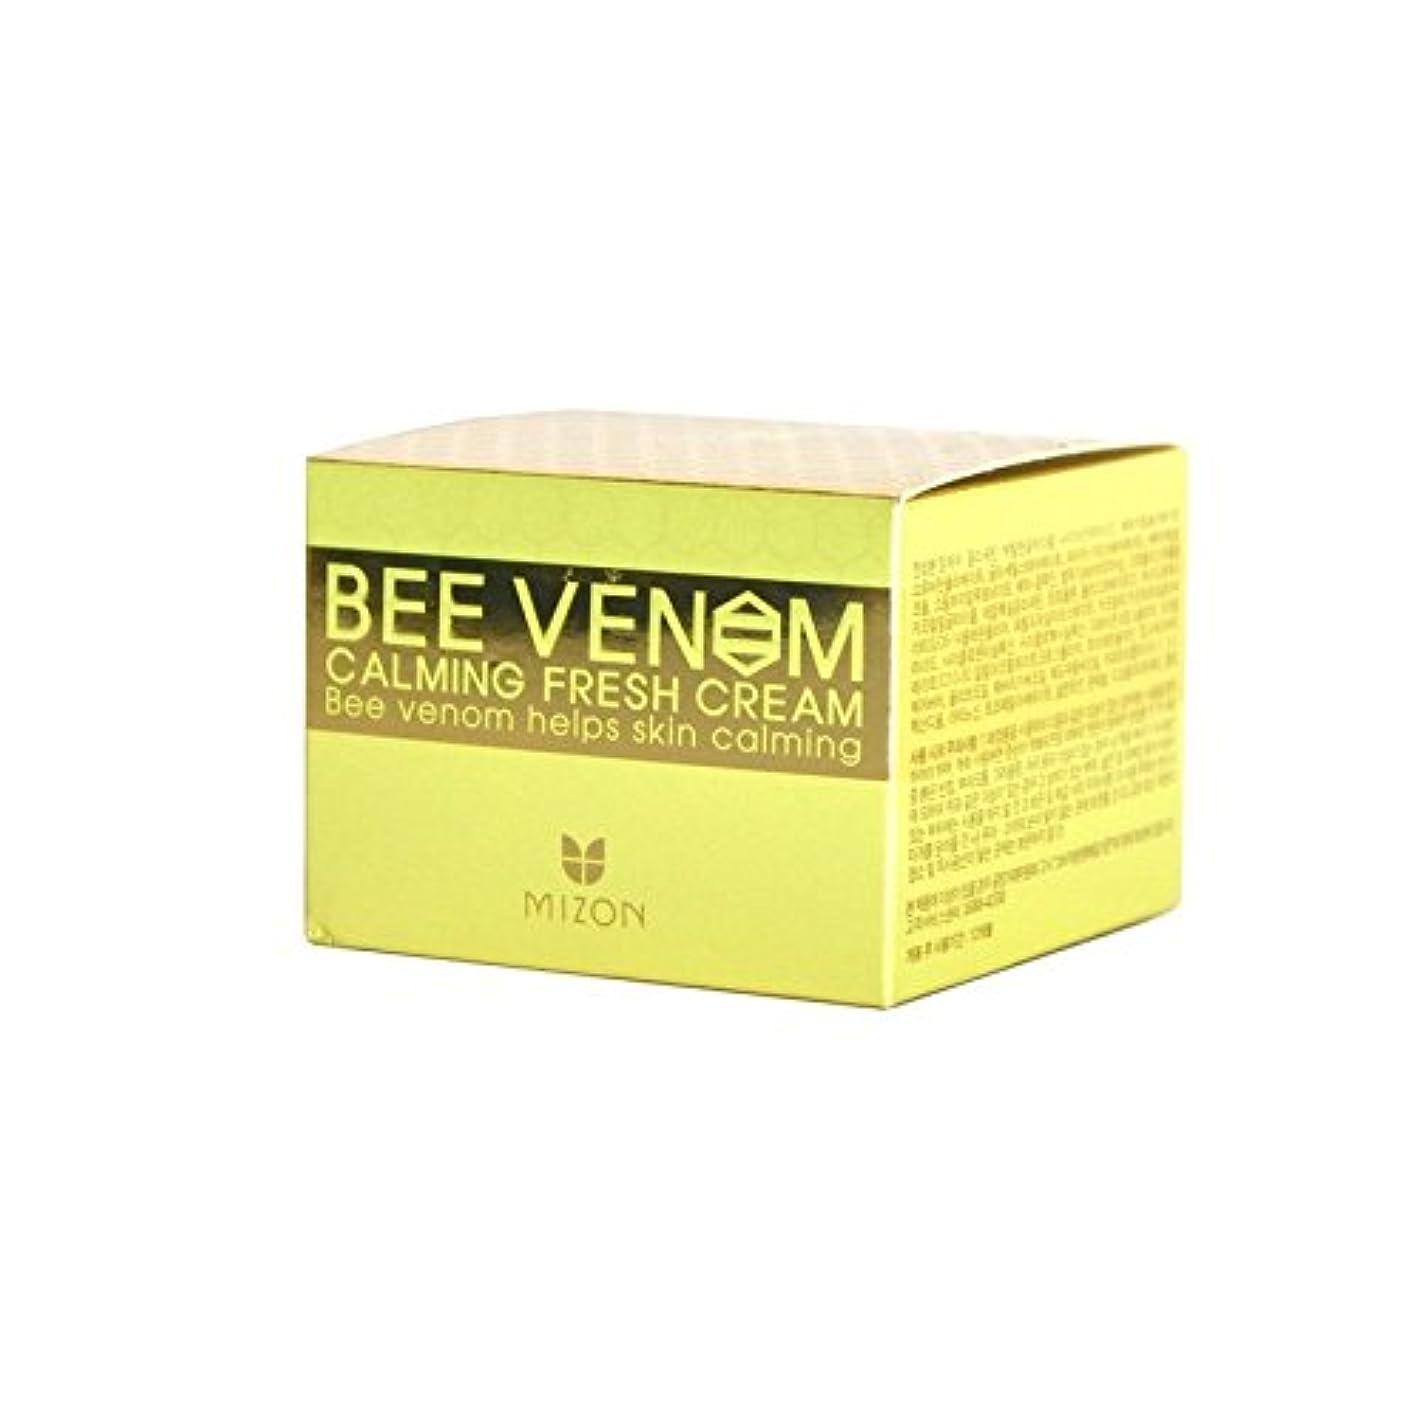 アルバニークール計算Mizon Bee Venom Calming Fresh Cream - 生クリームを落ち着かせるのハチ毒 [並行輸入品]